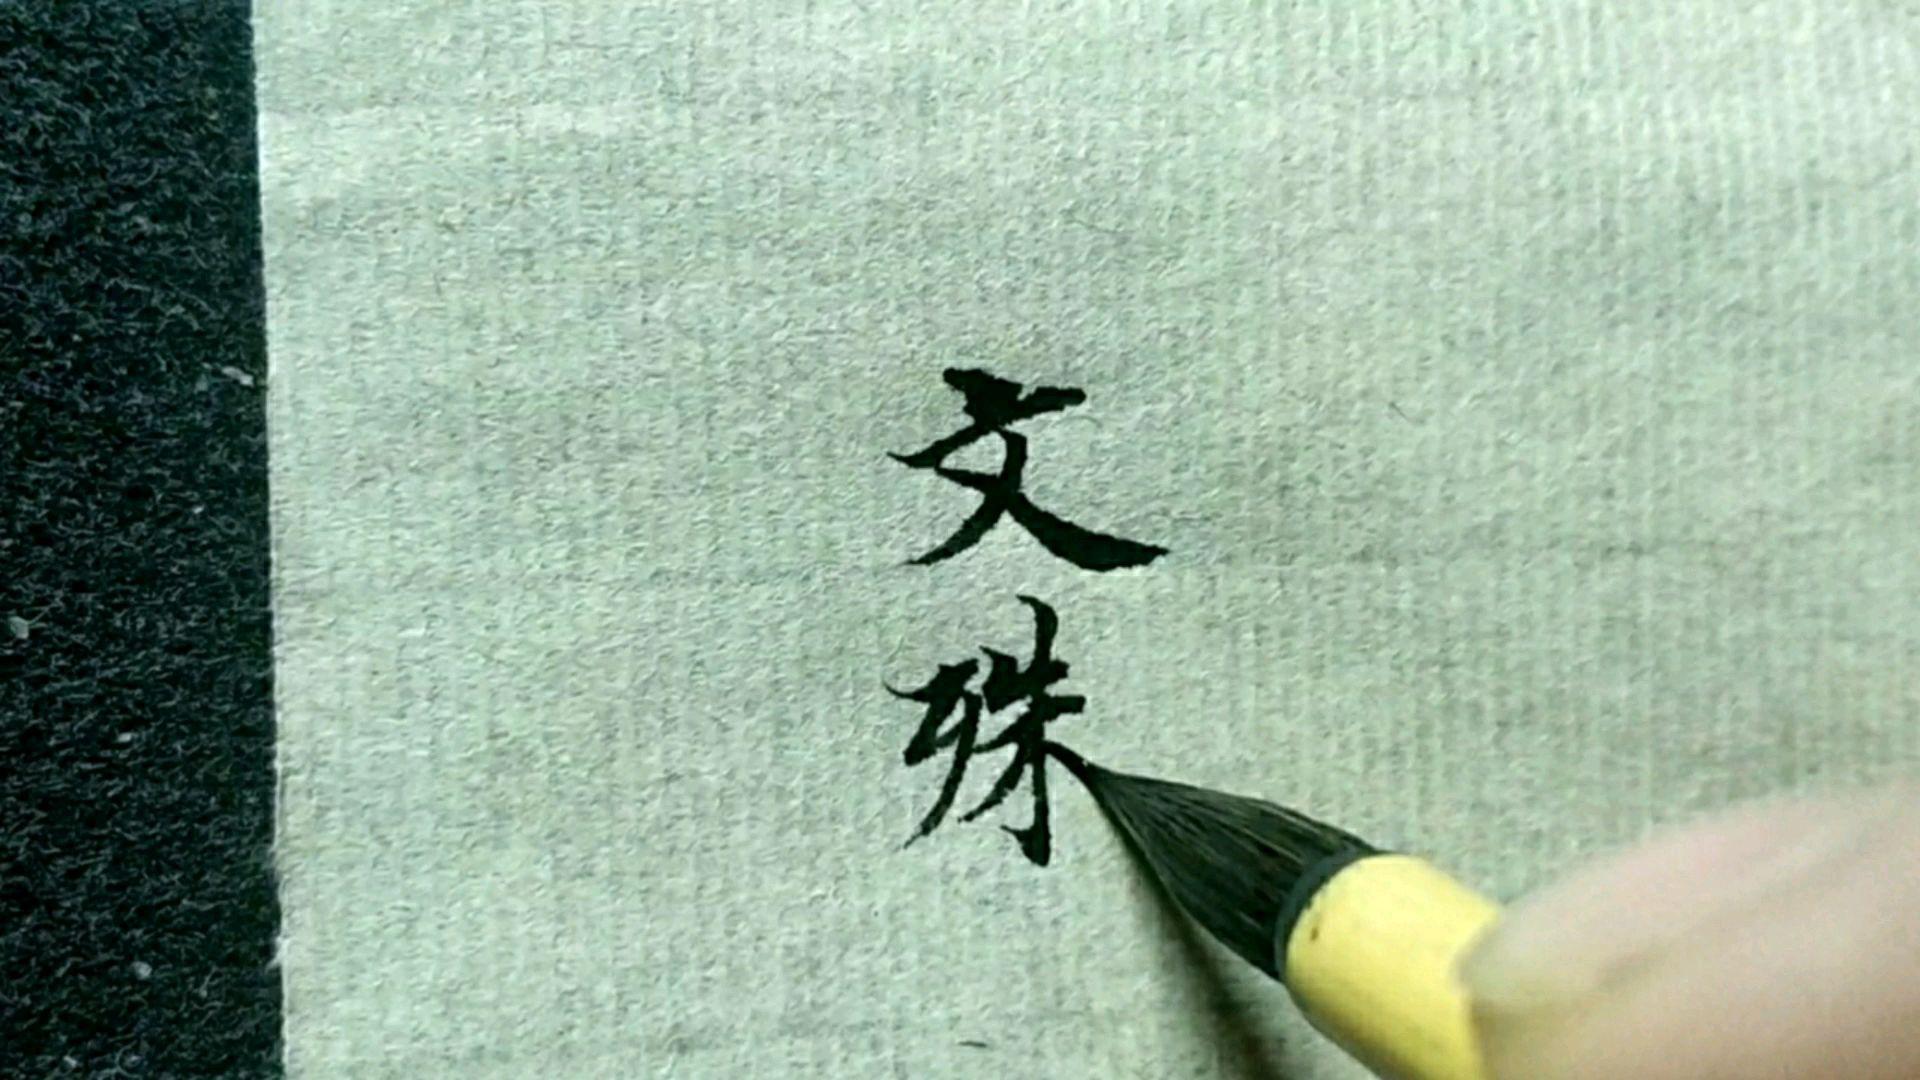 【书法】写经小楷   释迦,文殊,摩竭